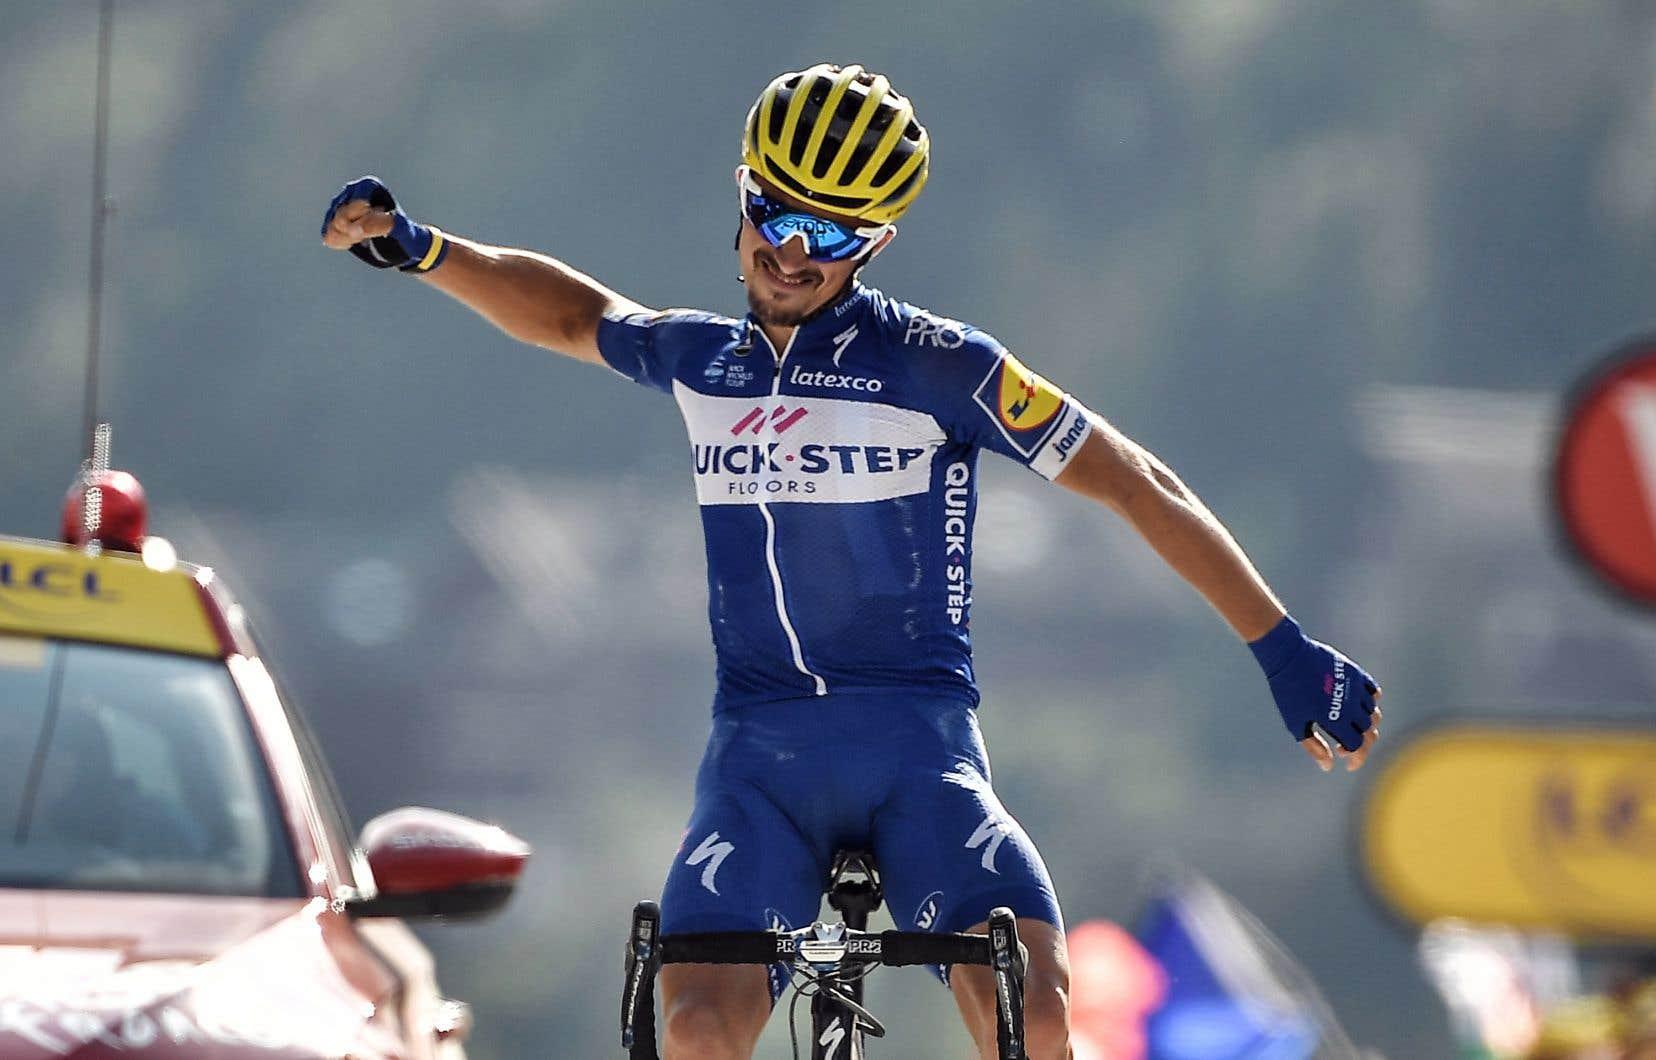 Victime d'une série de frustrations depuis le début de sa carrière, Julian Alaphilippe a savouré sa victoire mardi à l'arrivée de la 10eétape du Tour de France en Haute-Savoie.